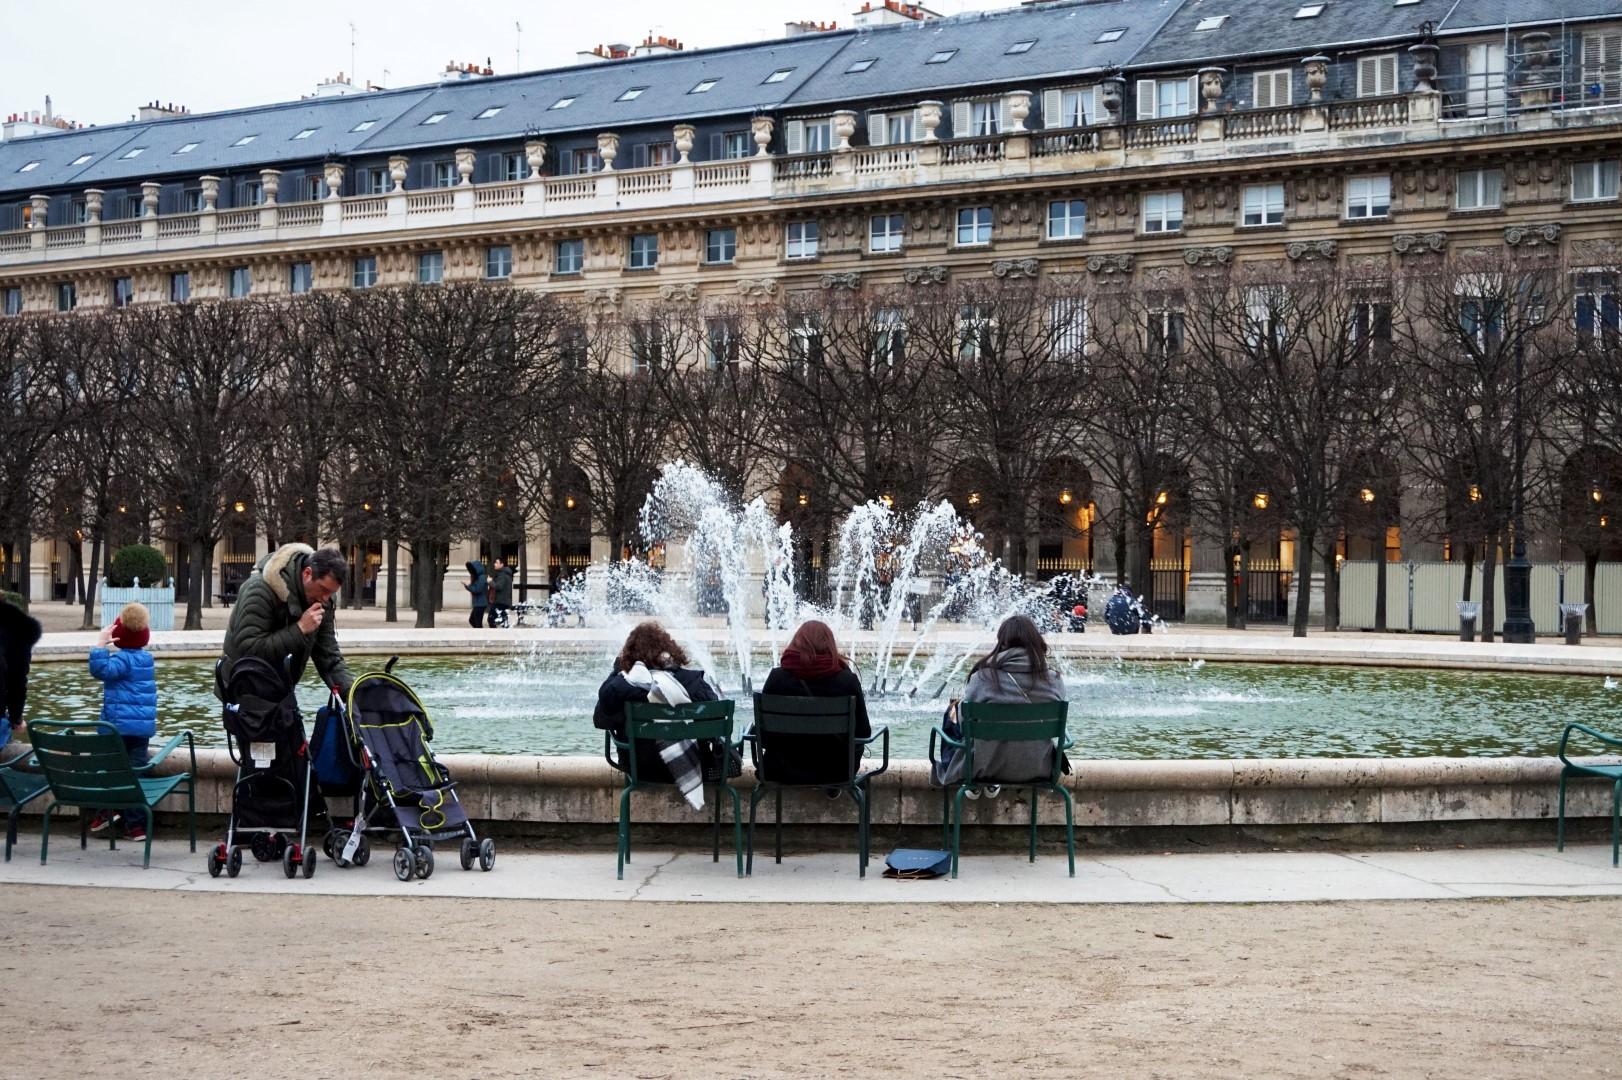 Balade dans Little Tokyo - Le Japon à Paris - Palais Royal